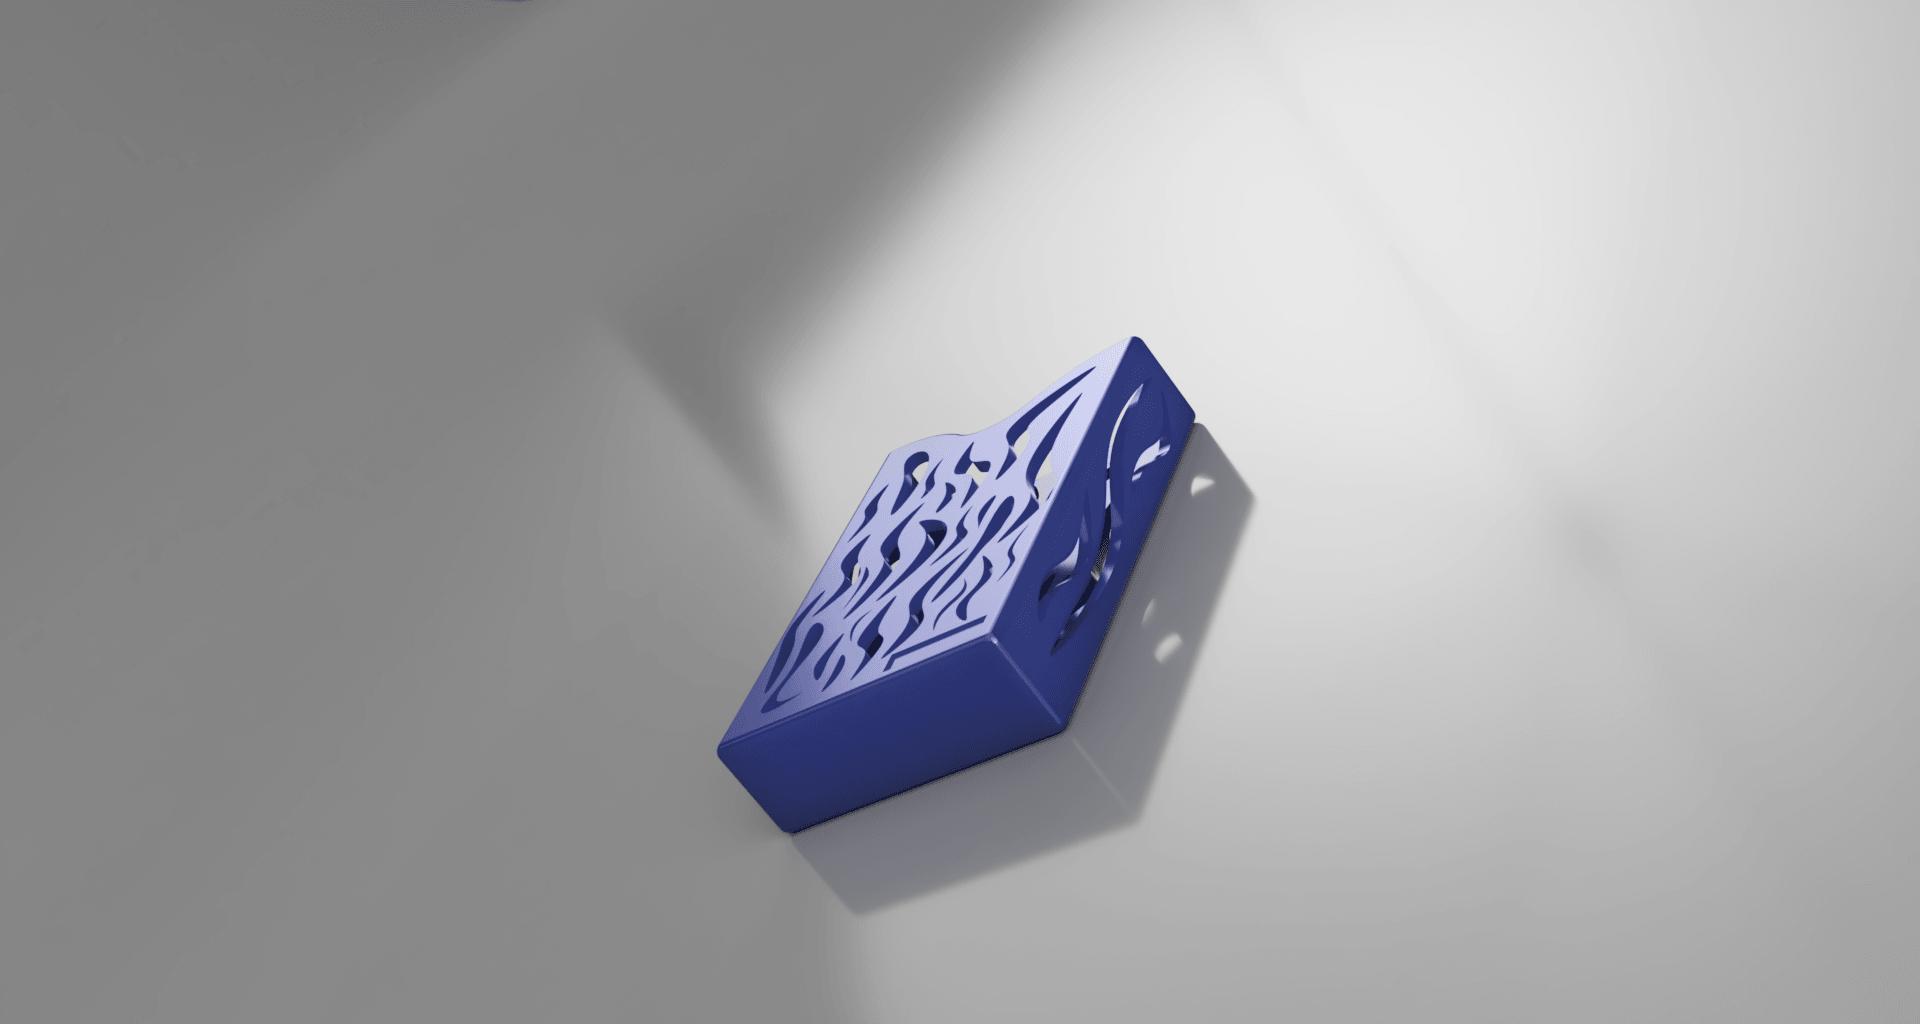 visit_card_2.png Download free STL file business card holder for desk • 3D printing model, blandiant